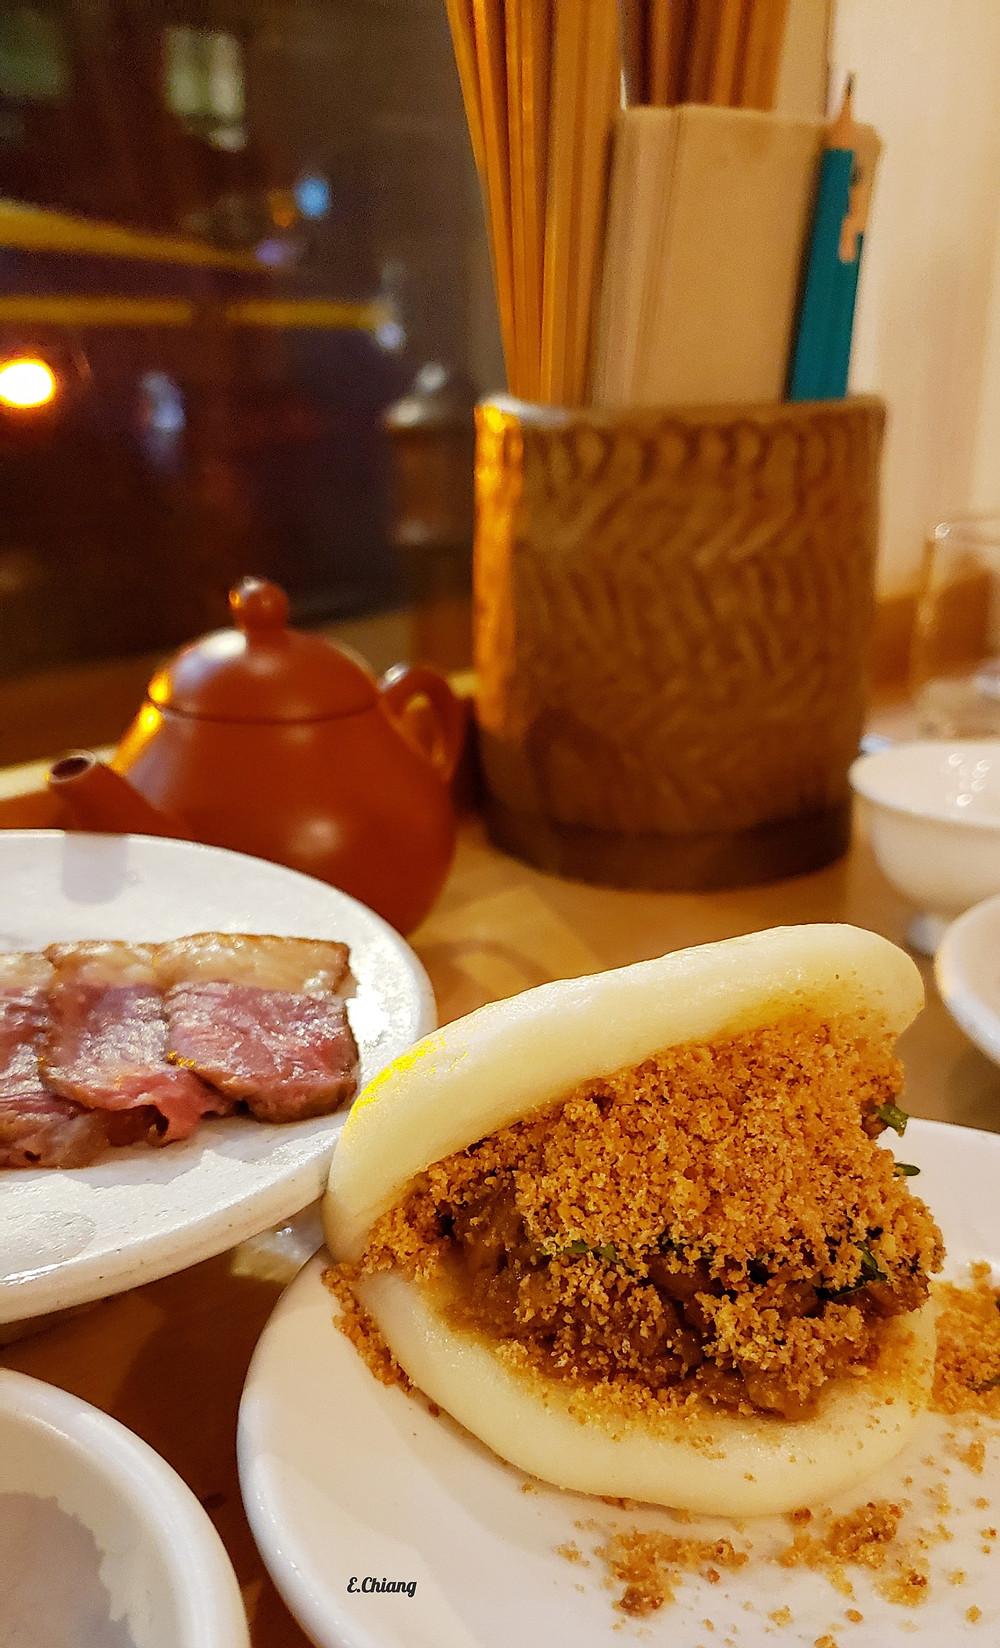 Confit Pork Bao bun